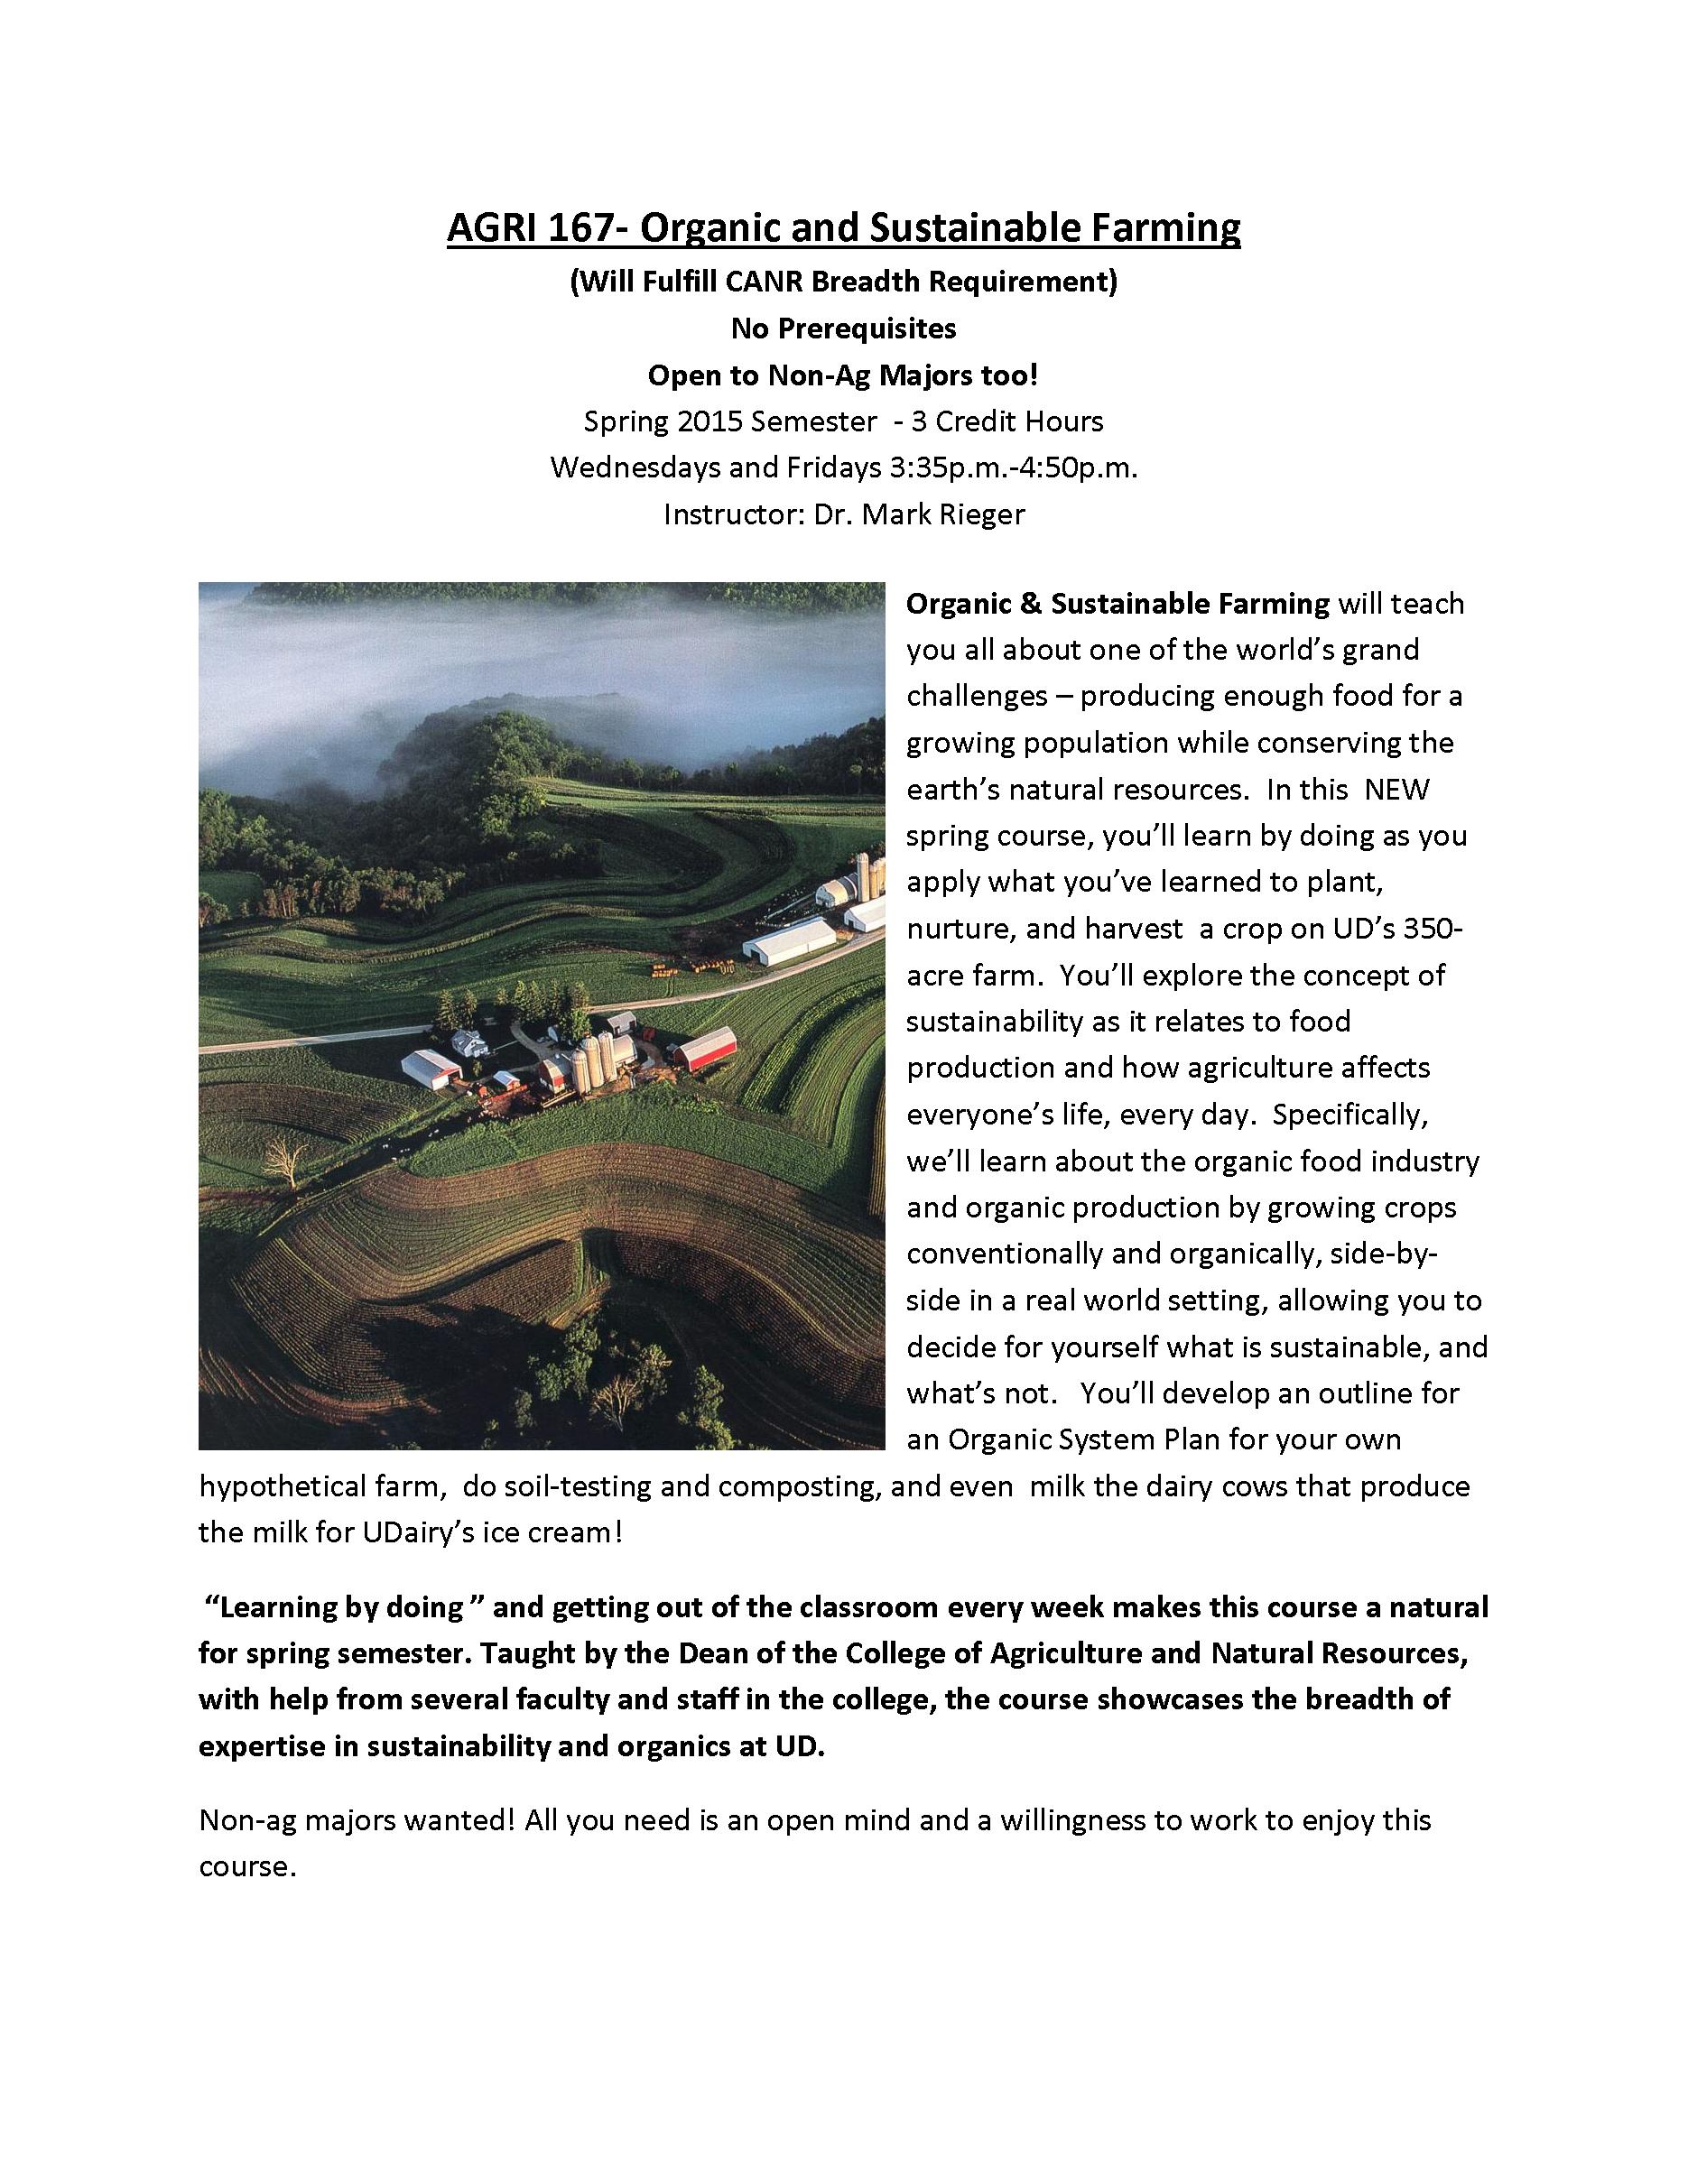 Organic Spring Course 2015